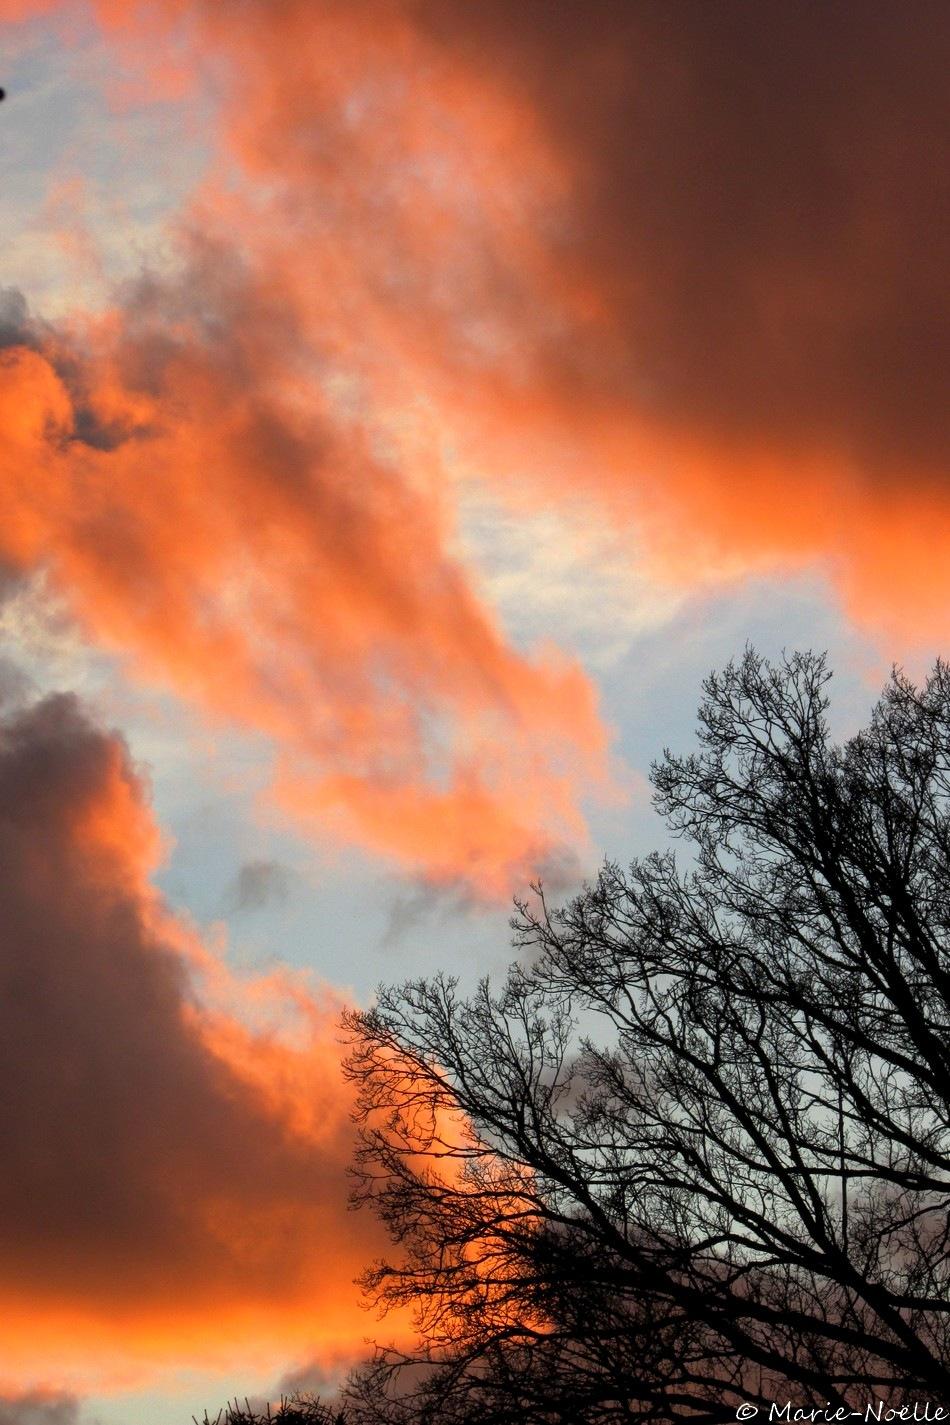 coucher de soleil by MarieNoelle